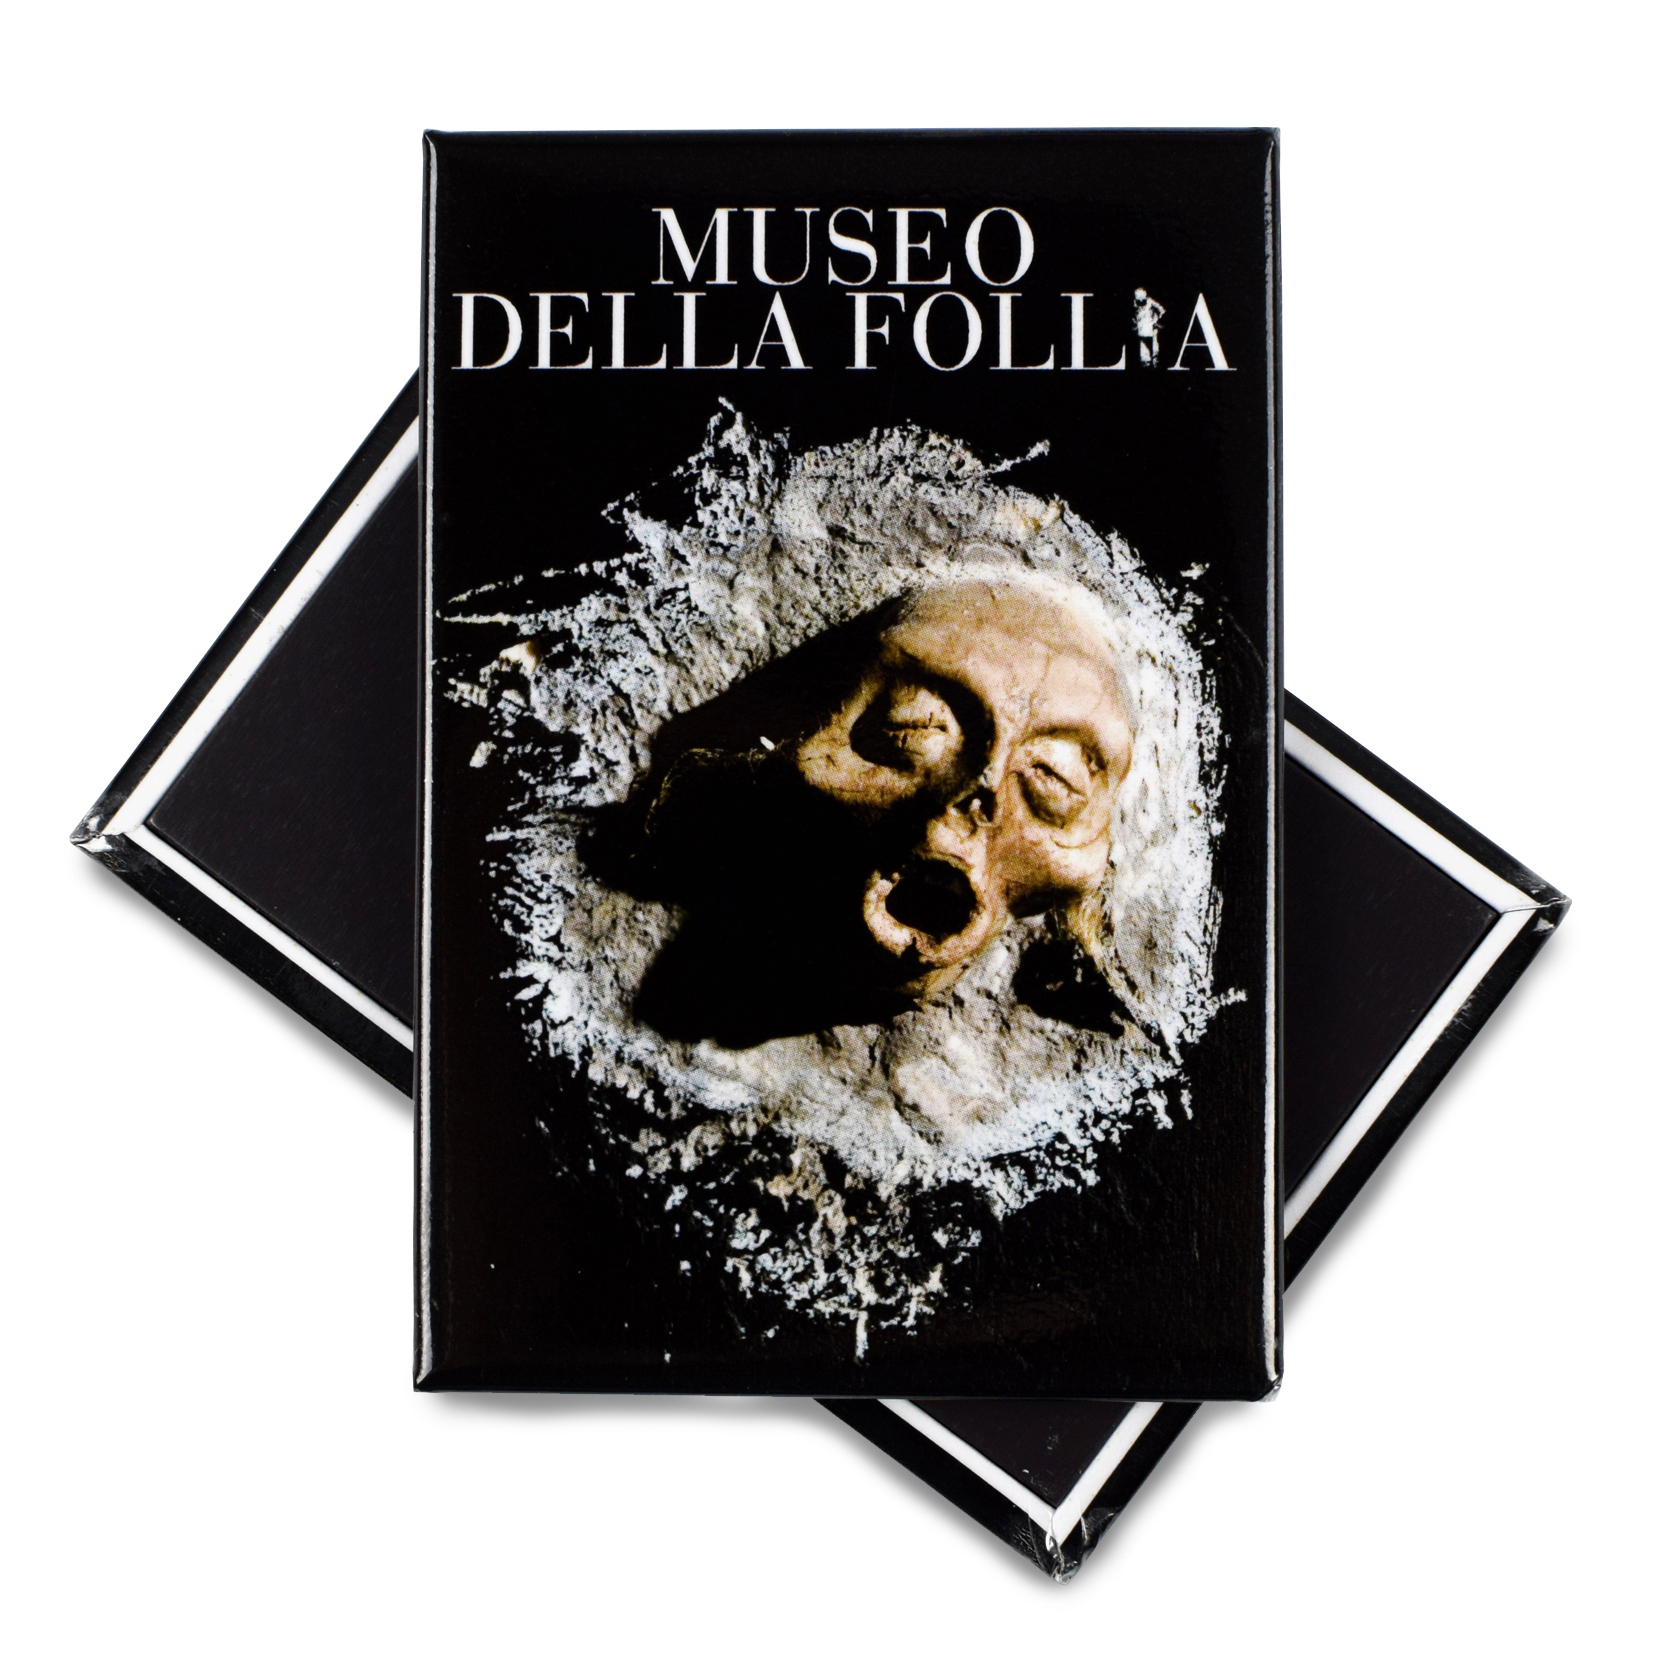 magnete-museodellafollia-04a